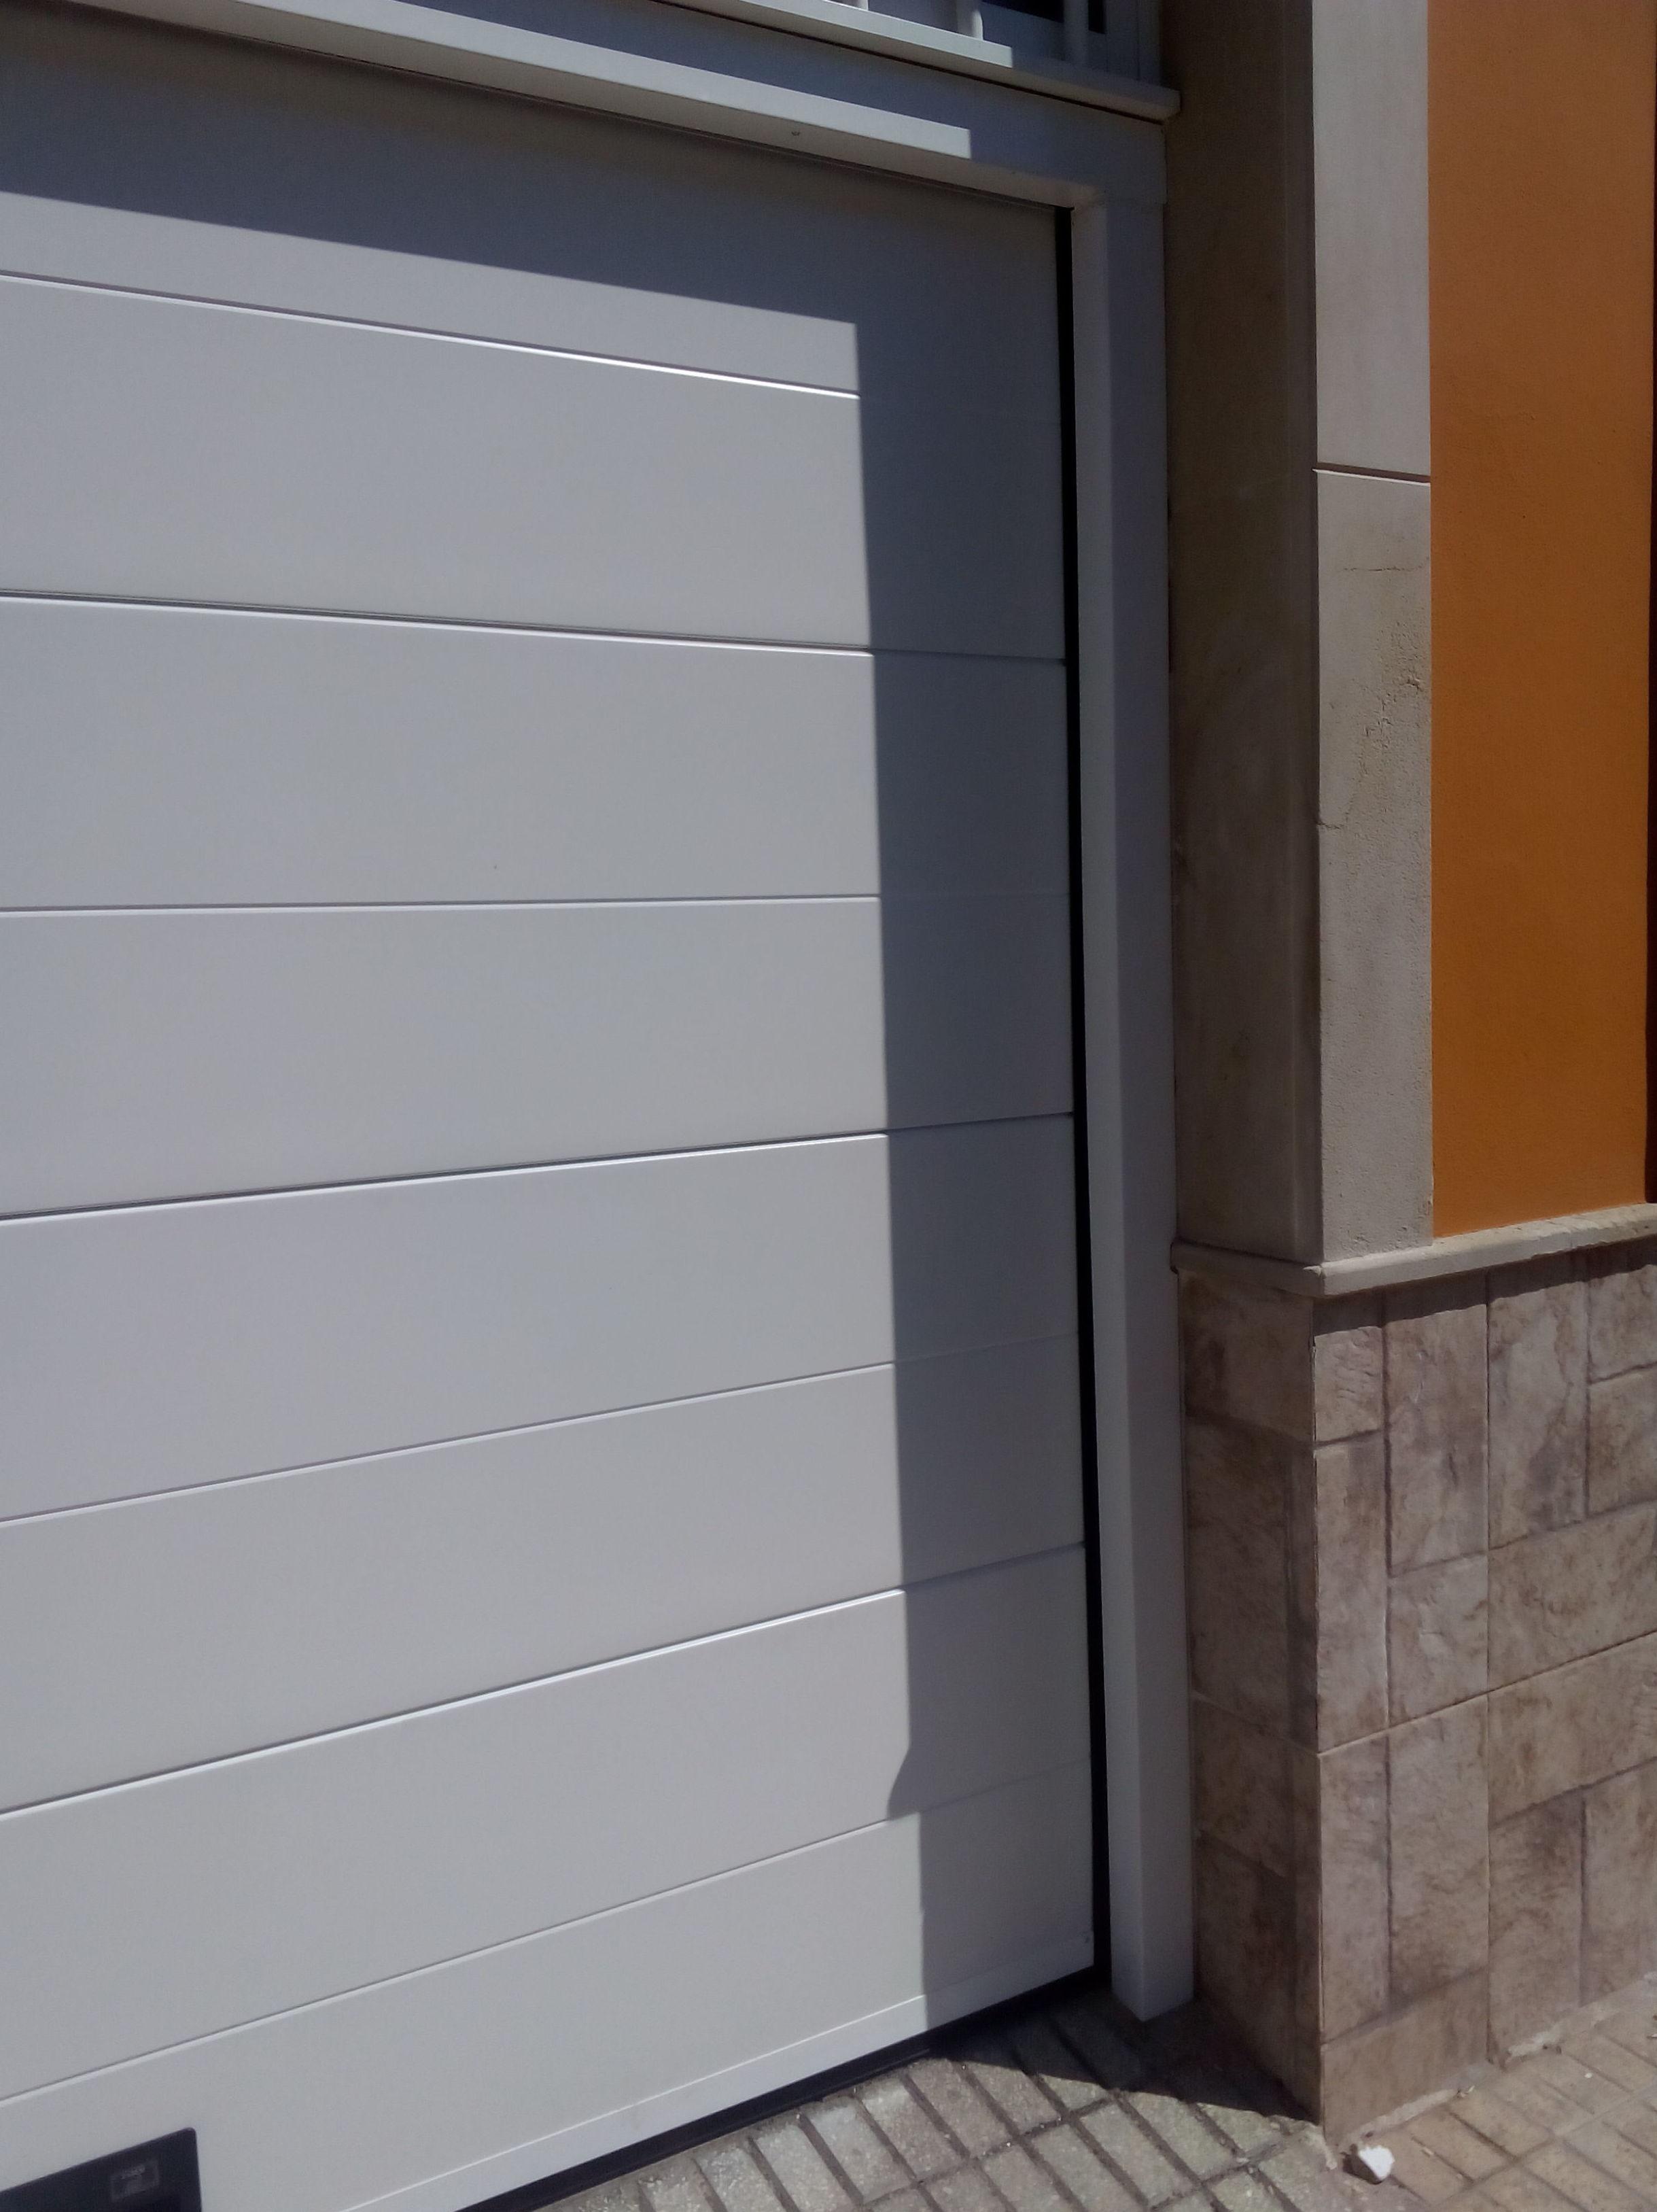 Puerta seccional automática panel liso y forro de marco mismo color